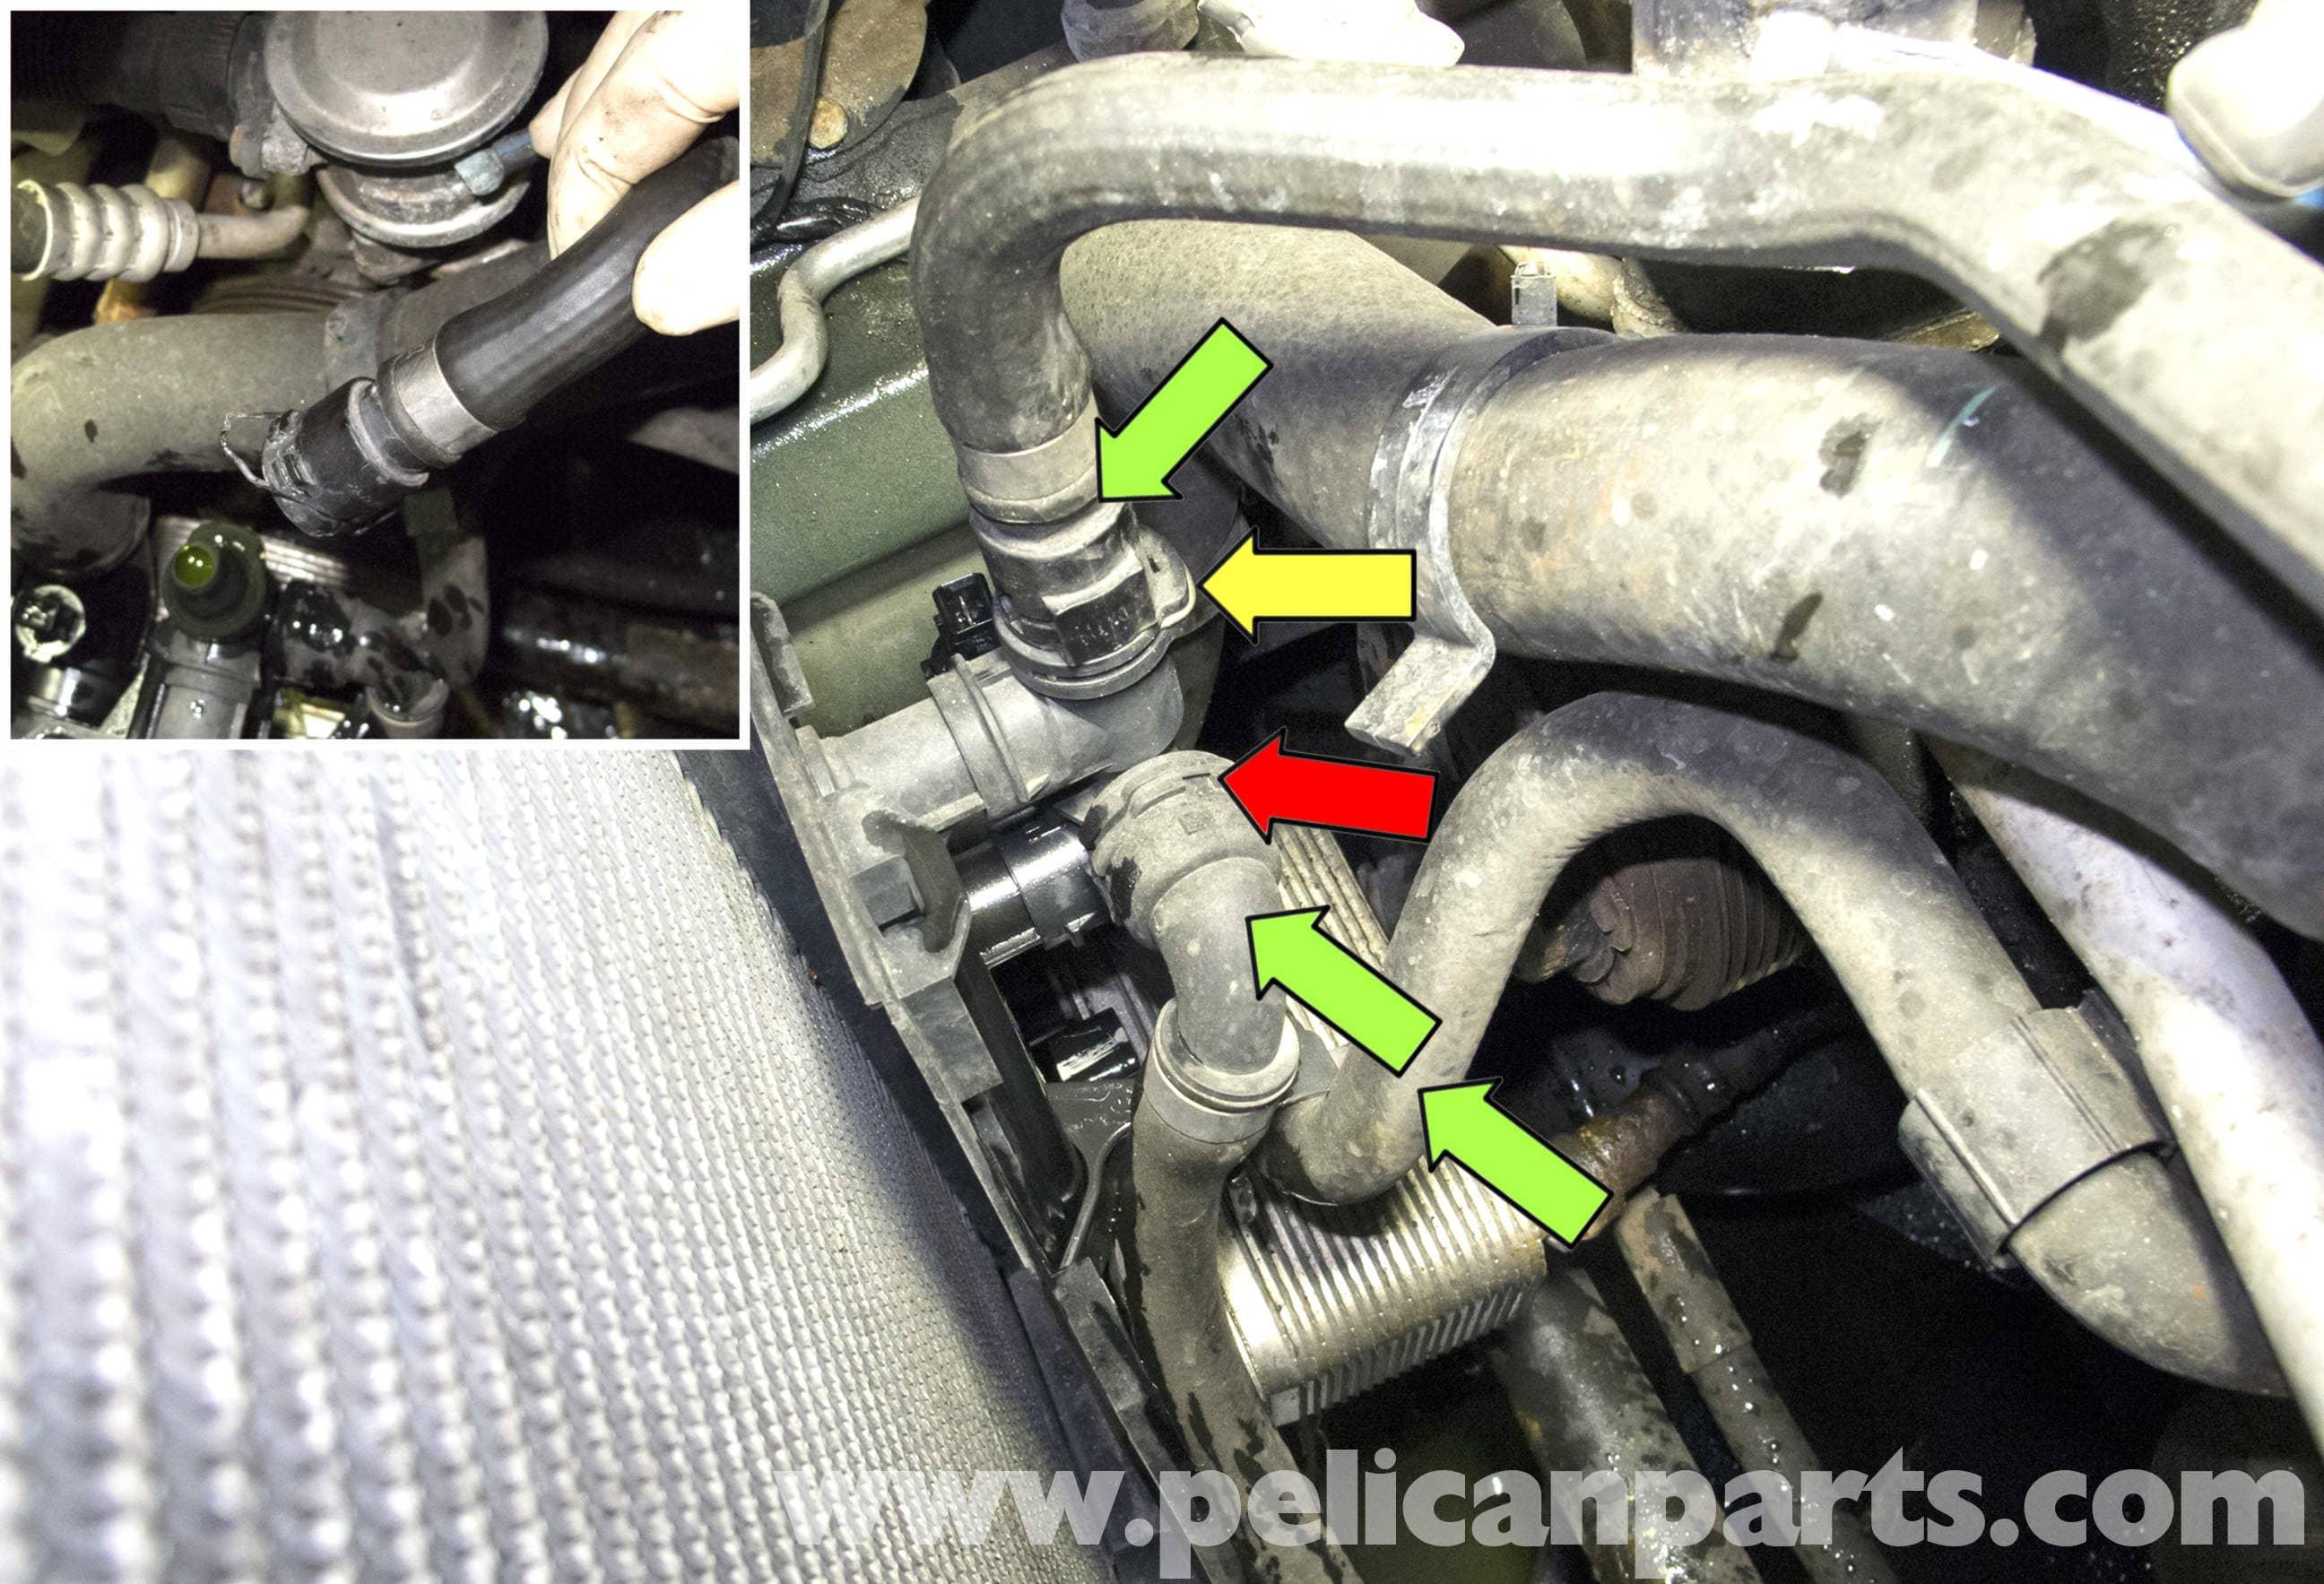 2012 cts cadillac wire diagram bmw x5 radiator replacement  e53 2000 2006  pelican  bmw x5 radiator replacement  e53 2000 2006  pelican